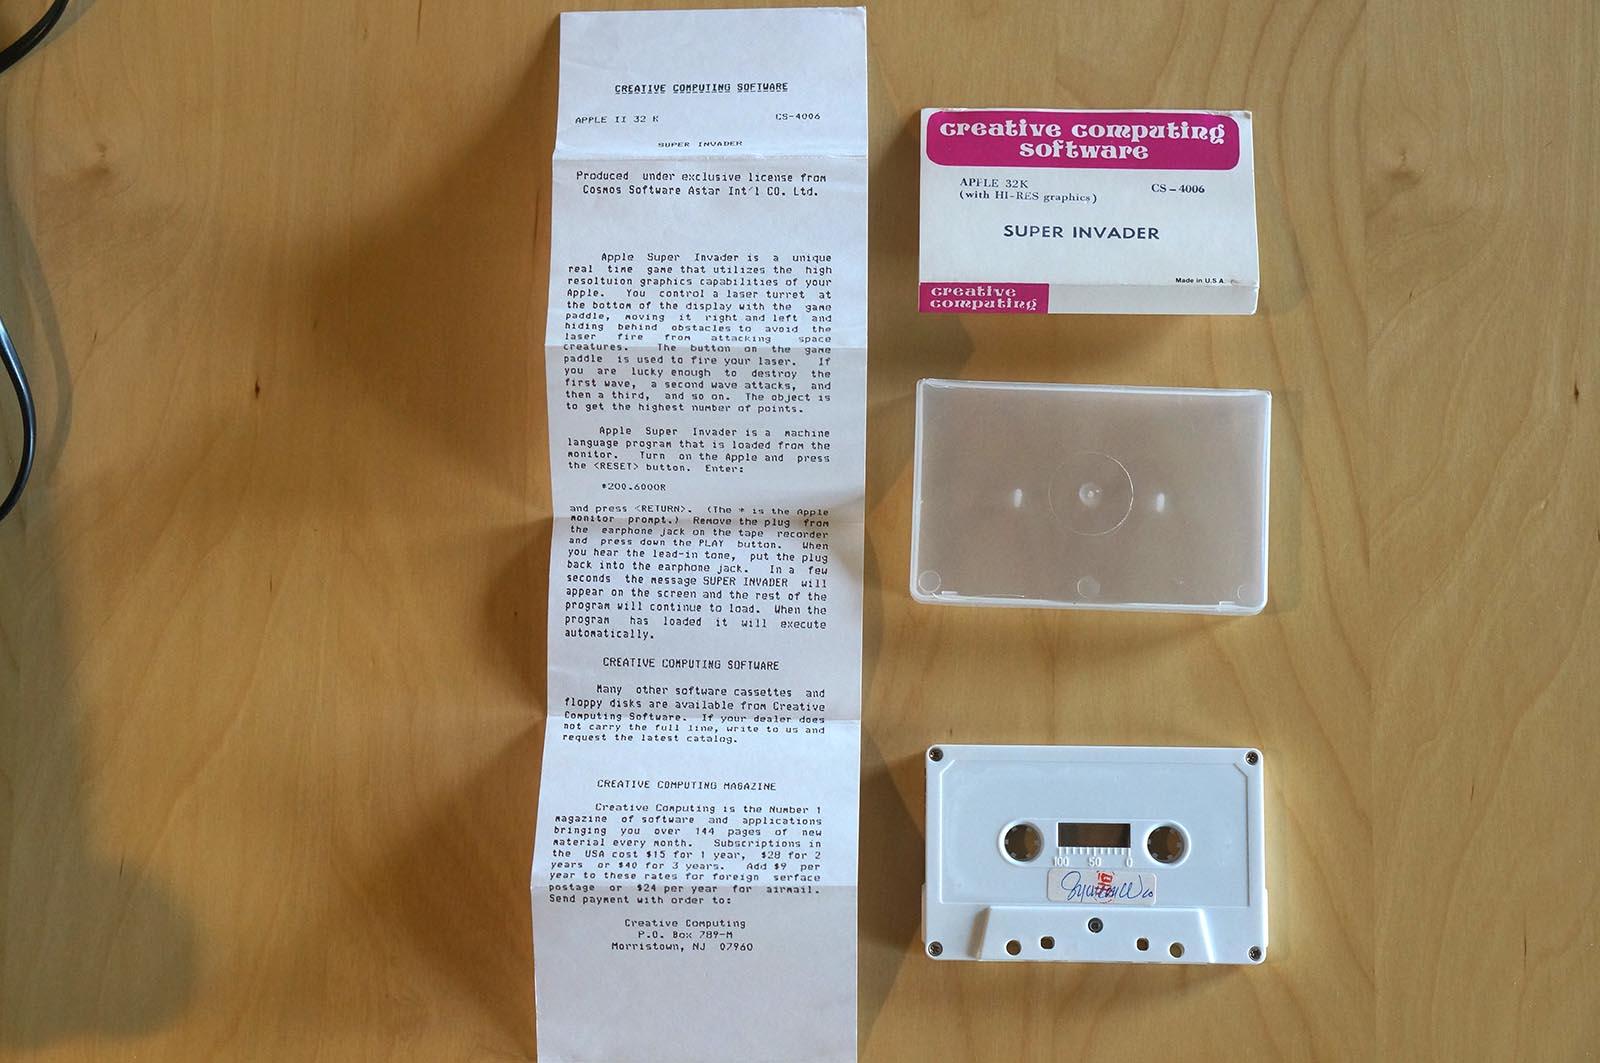 Apple II - Super Invader 1979